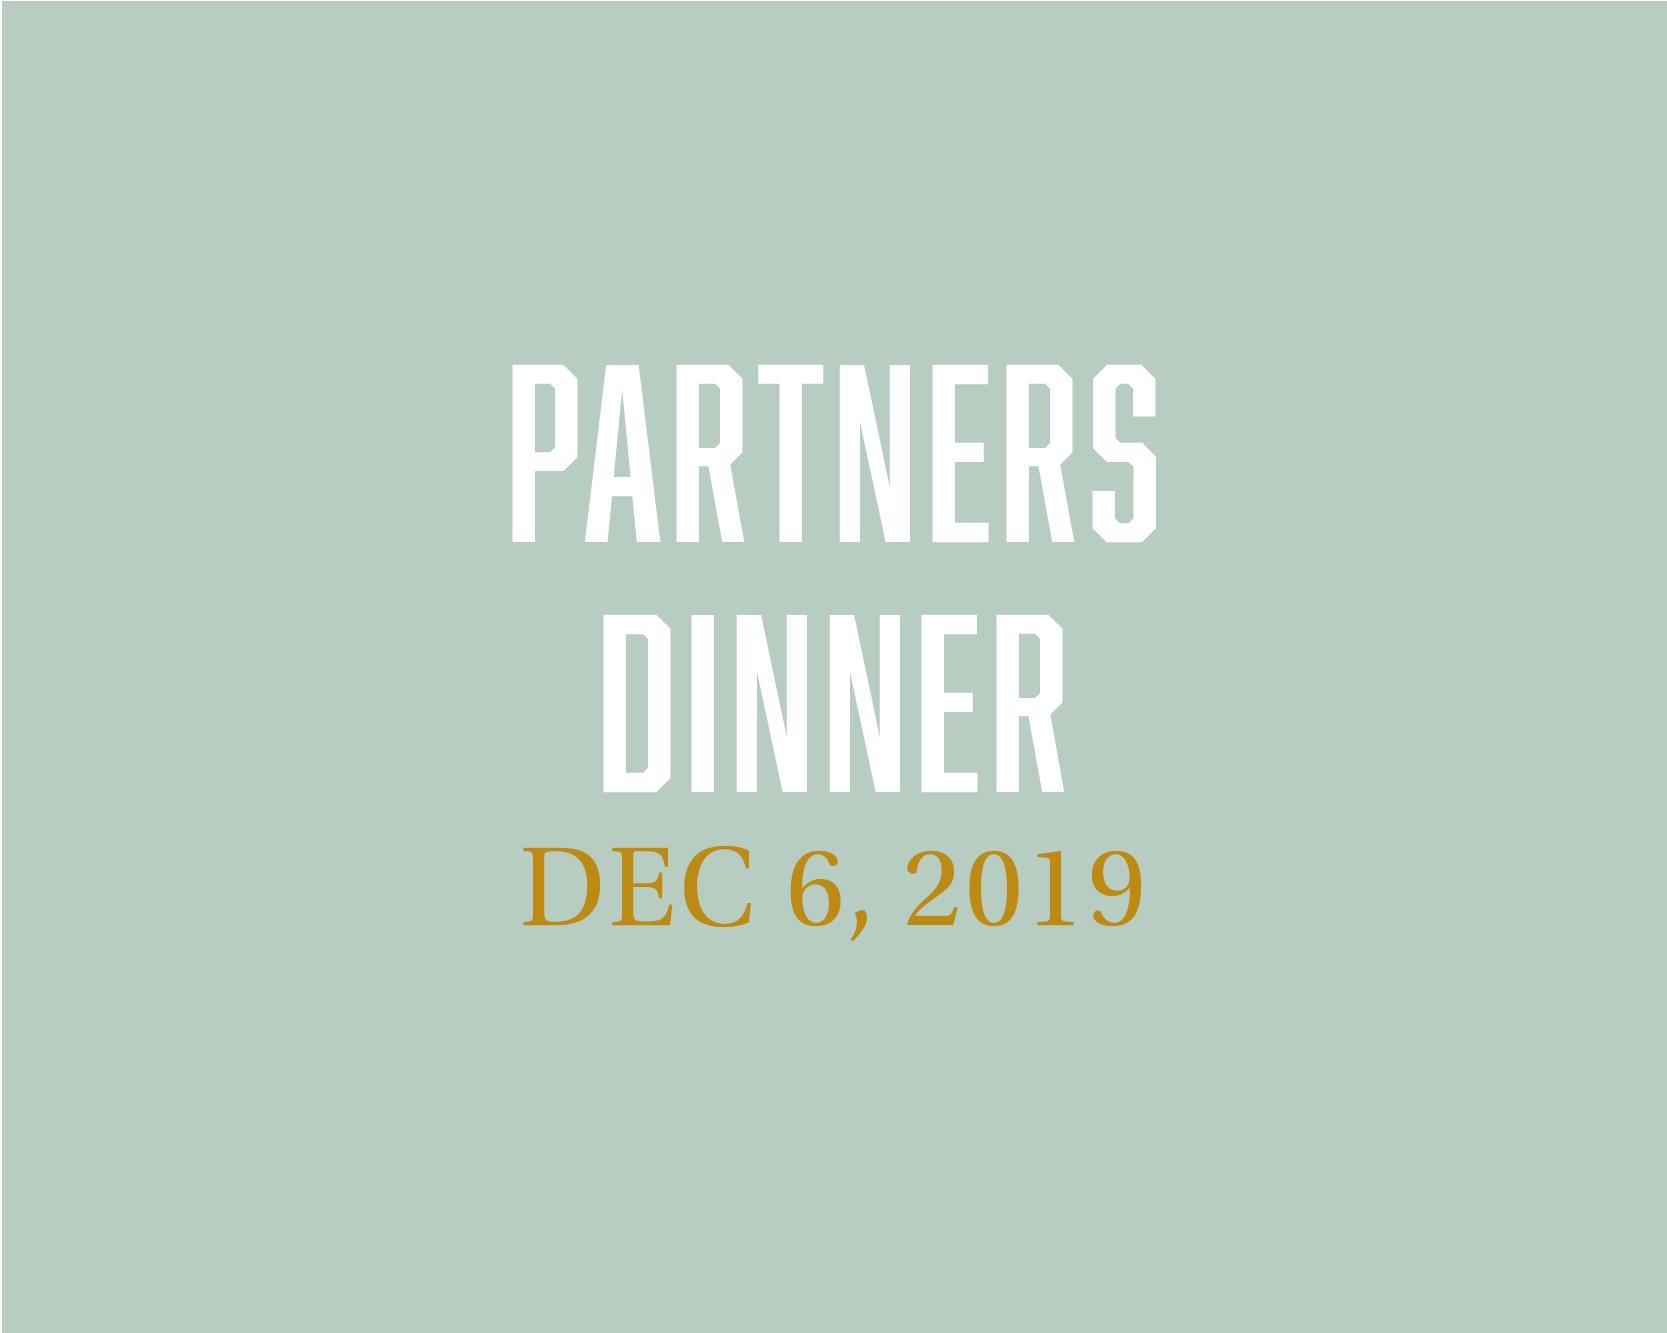 Partners Dinner